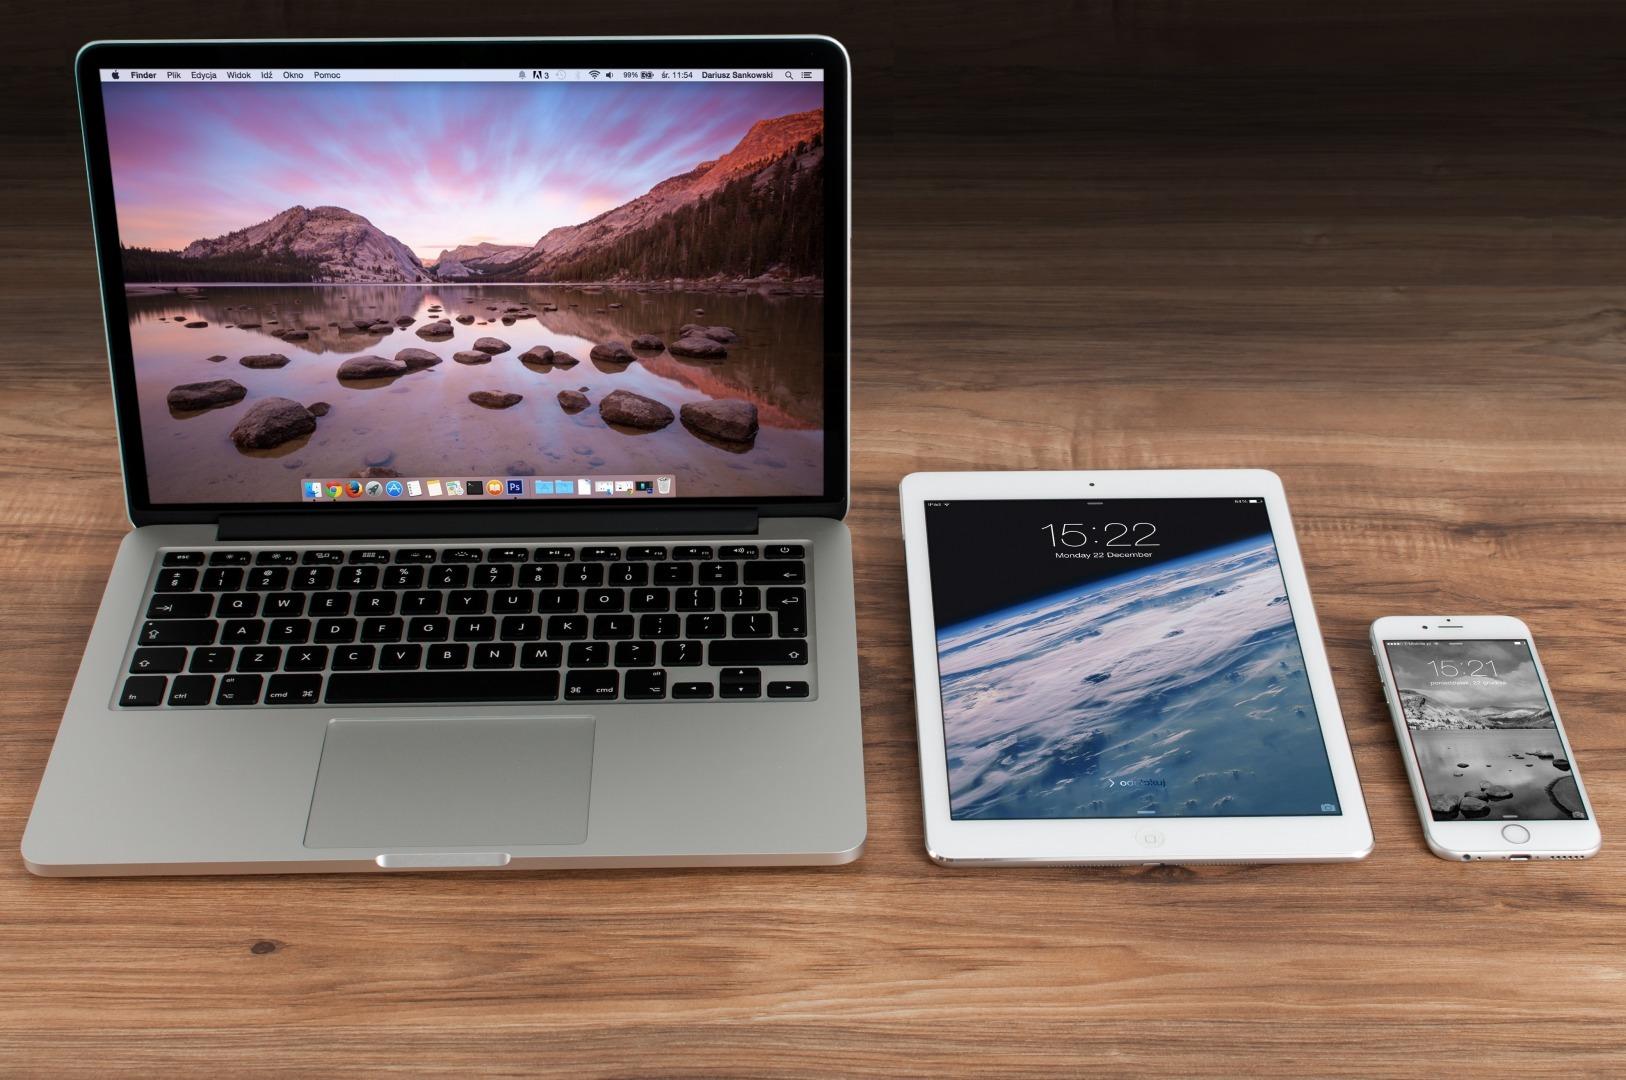 tableta, apple